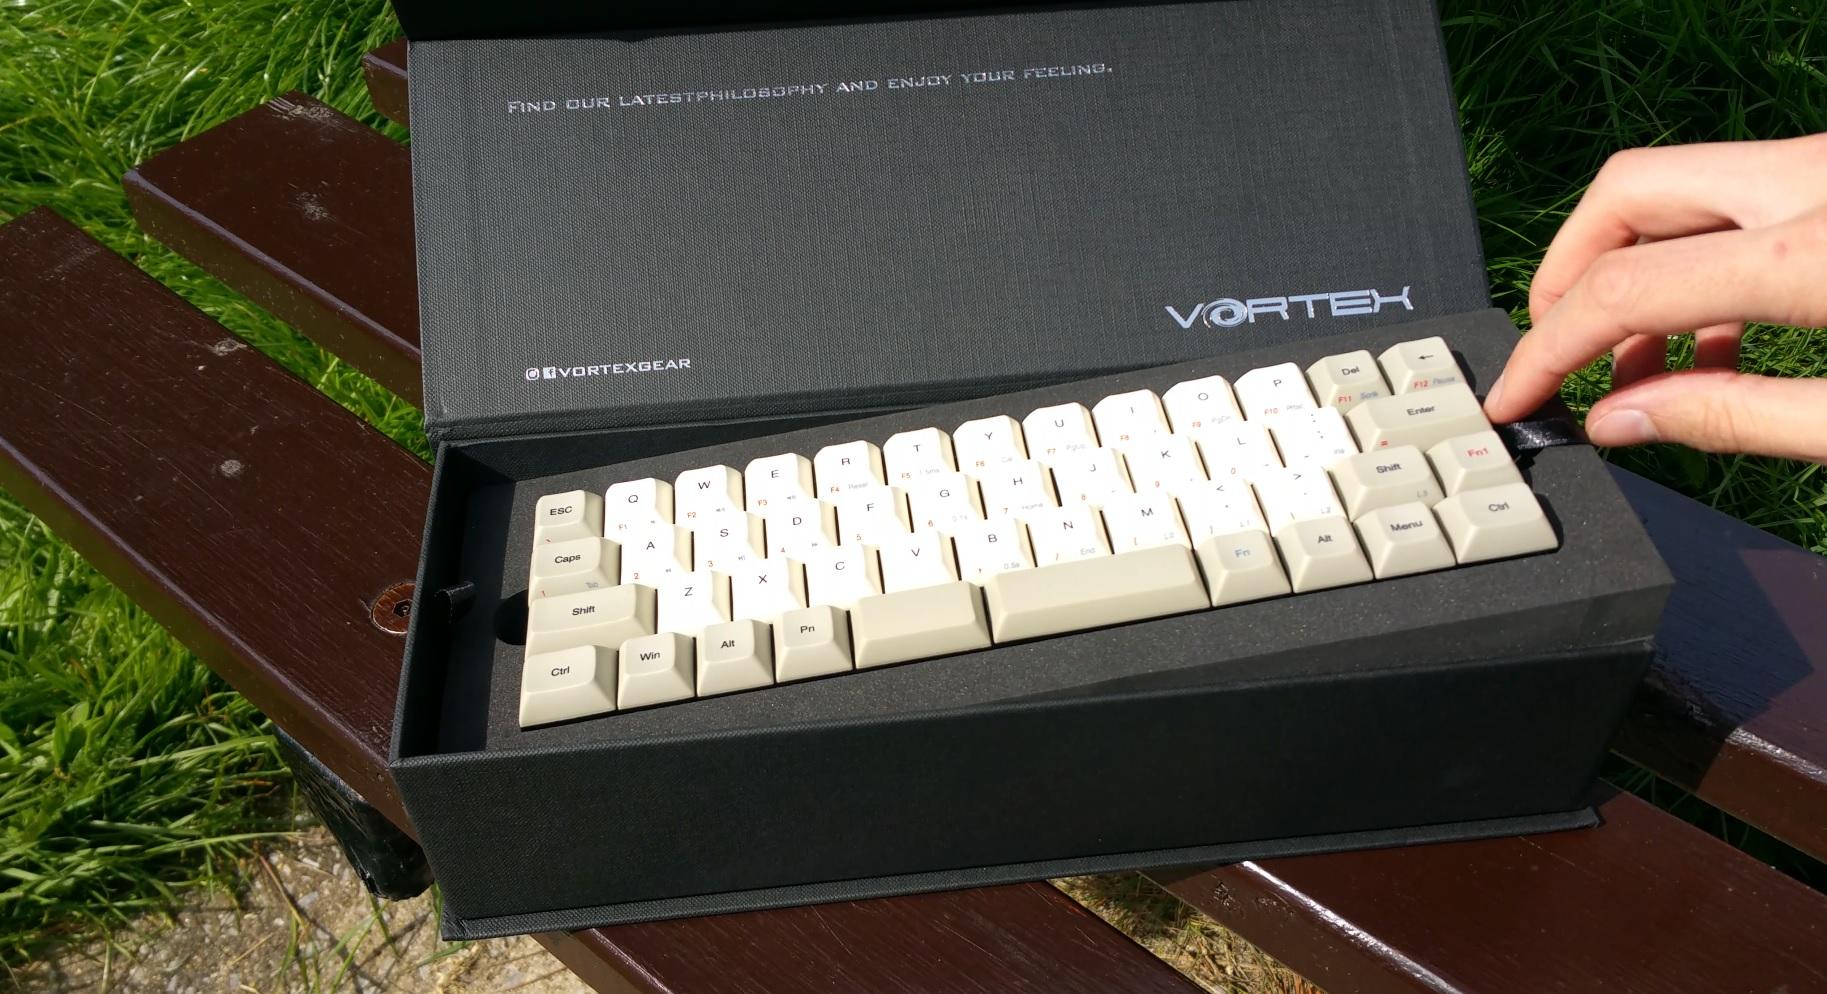 Vortex_5